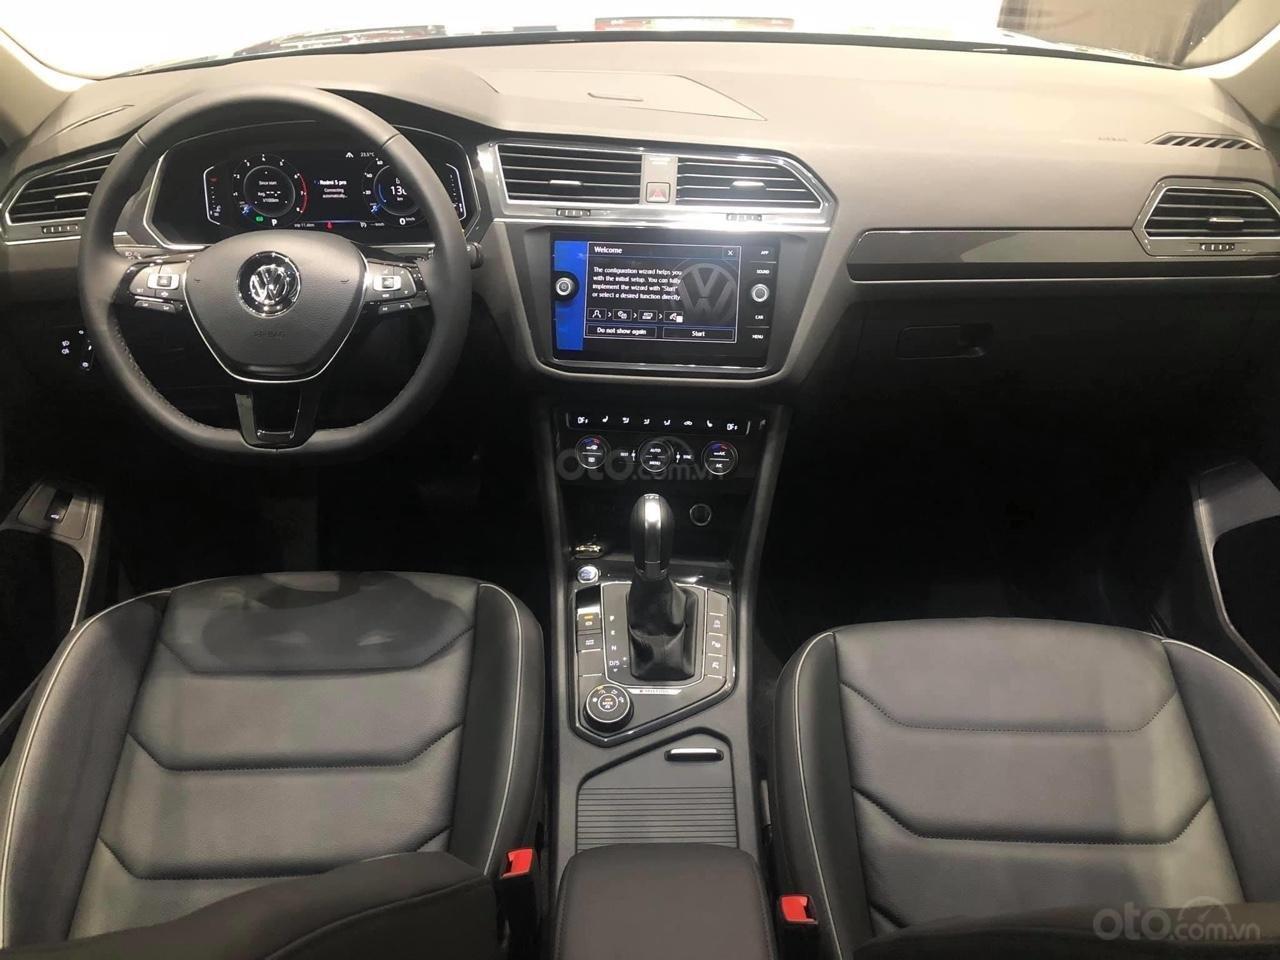 Bán Volkswagen Tiguan Luxury S màu trắng - Phiên bản Offroad - Giá tốt tháng ngâu (11)